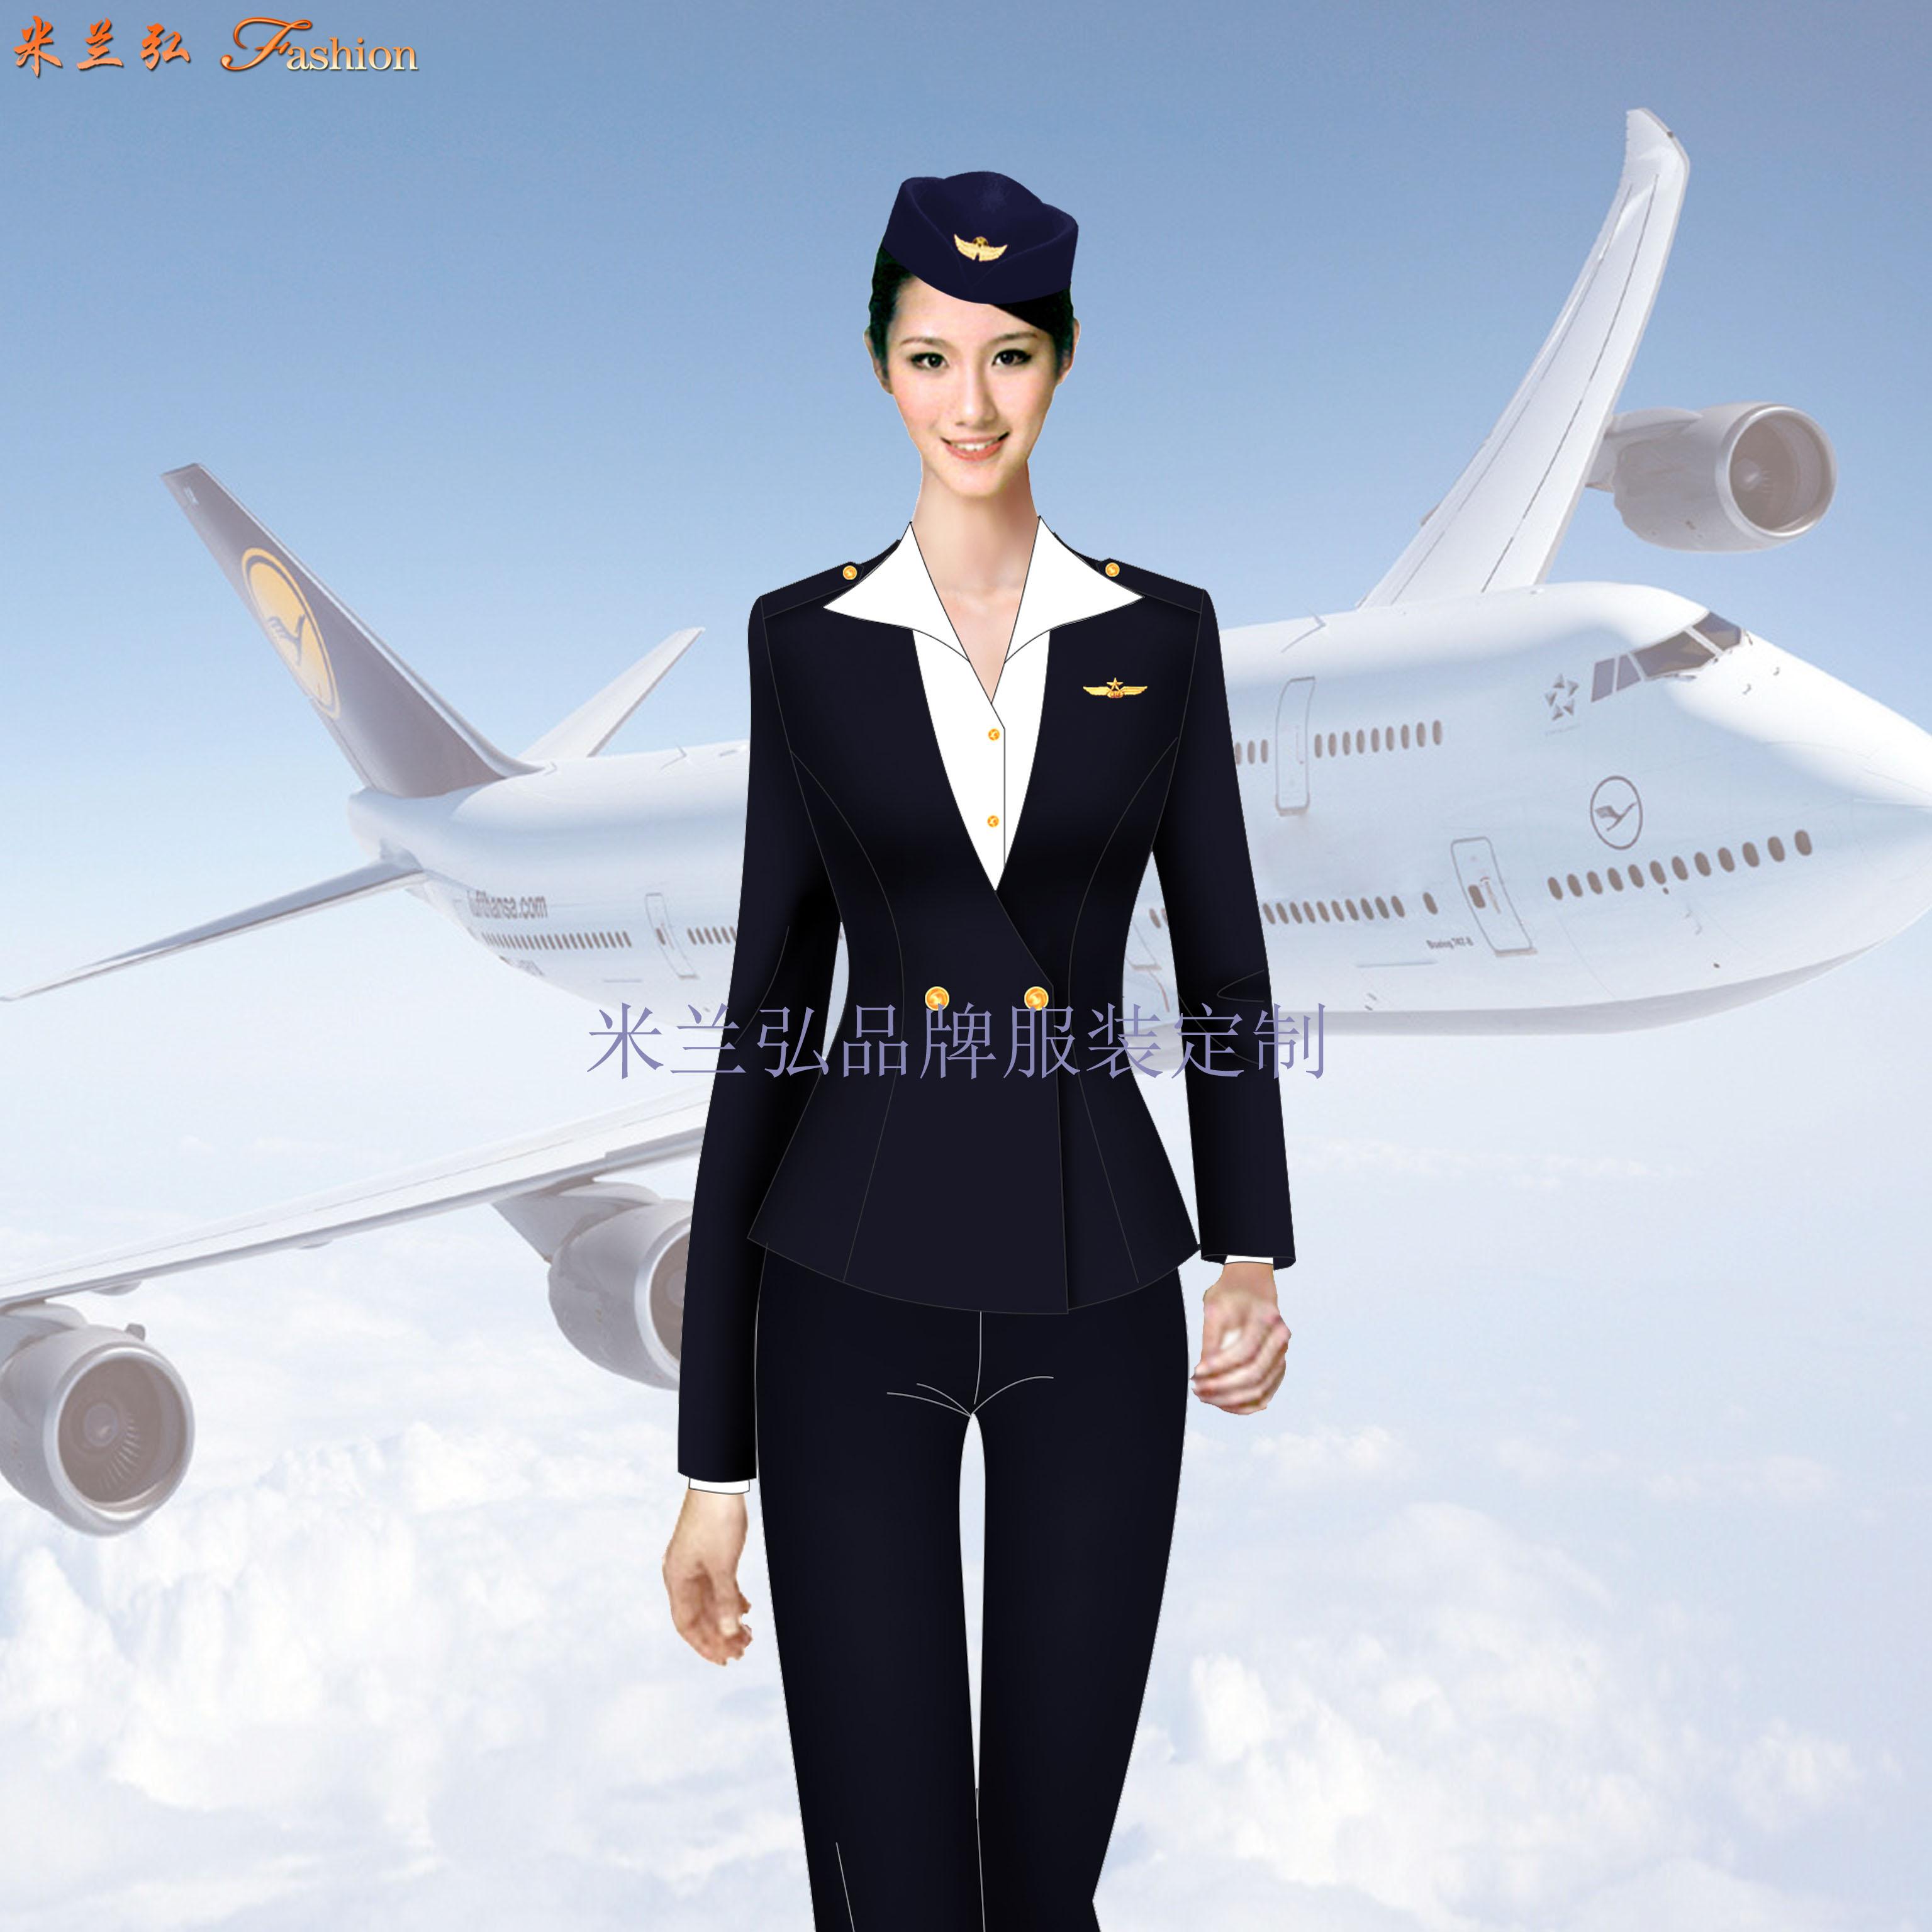 汽車站服裝定做-長途汽車站女式西服職業裝-米蘭弘服裝廠家-1